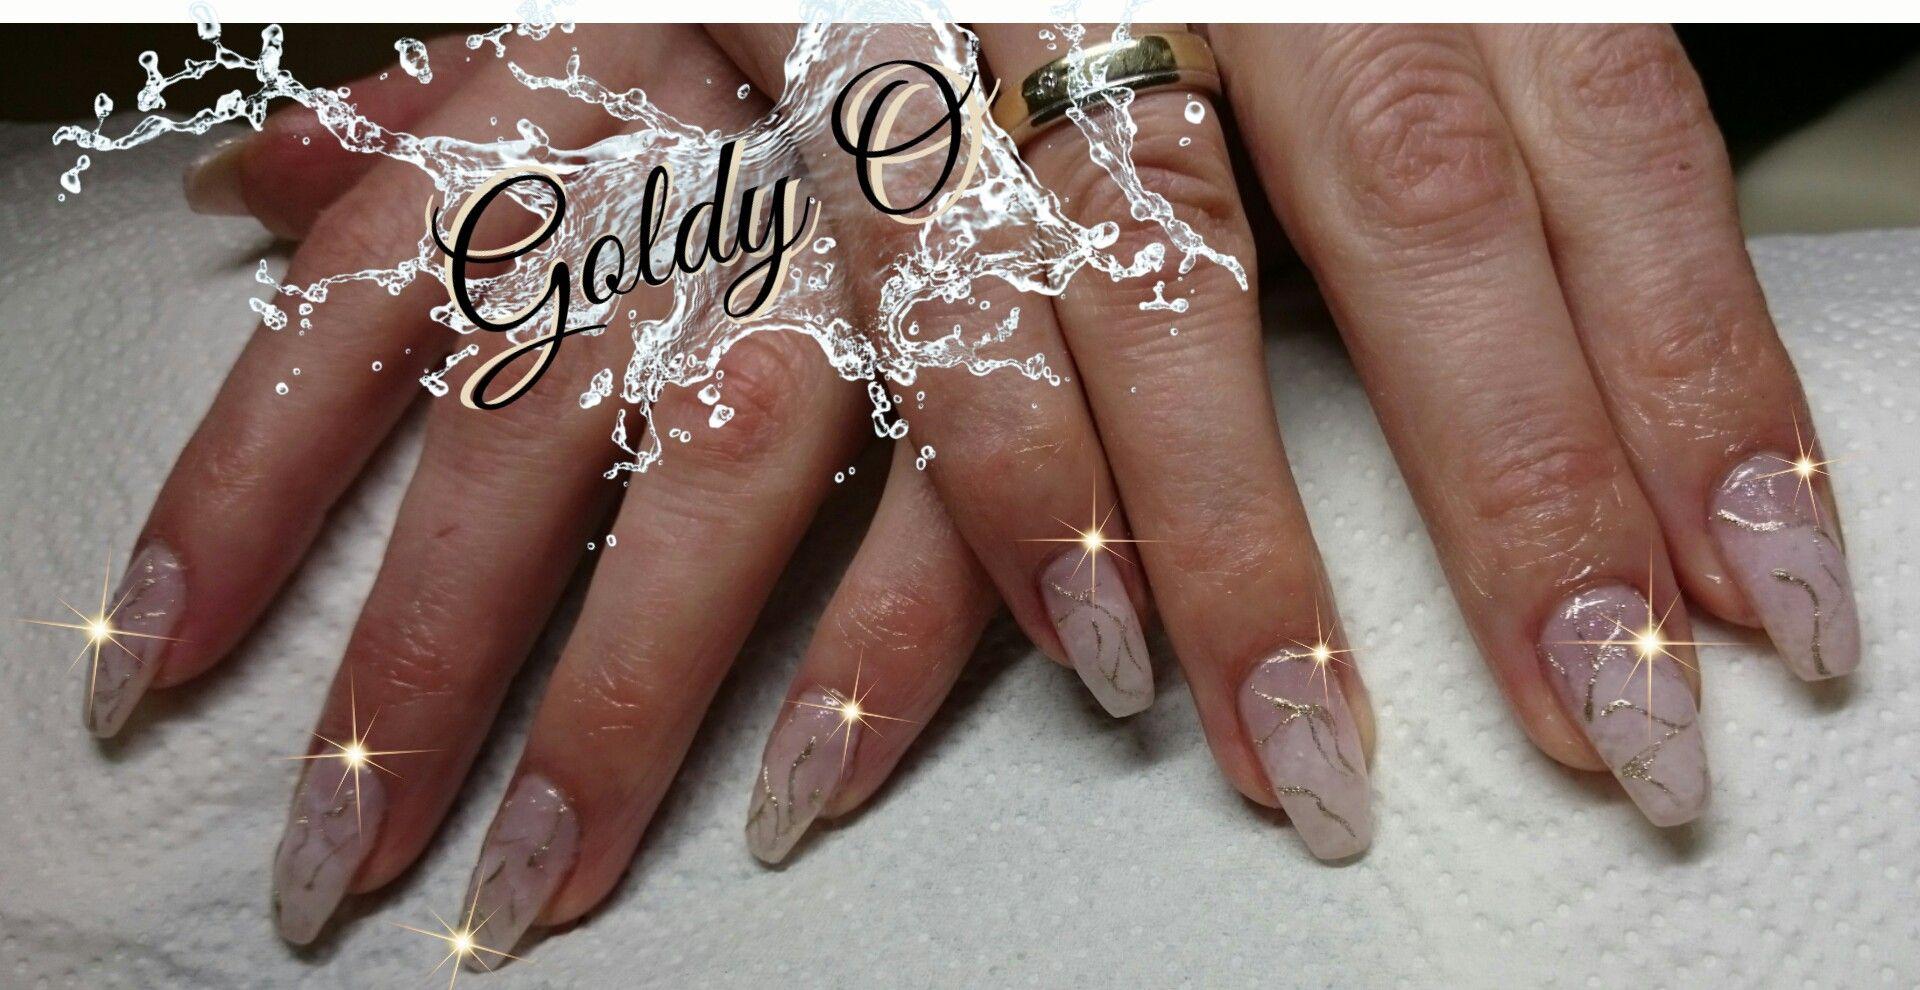 Pin von Olga Goldy auf Nägeln bei Goldy O. | Nägel